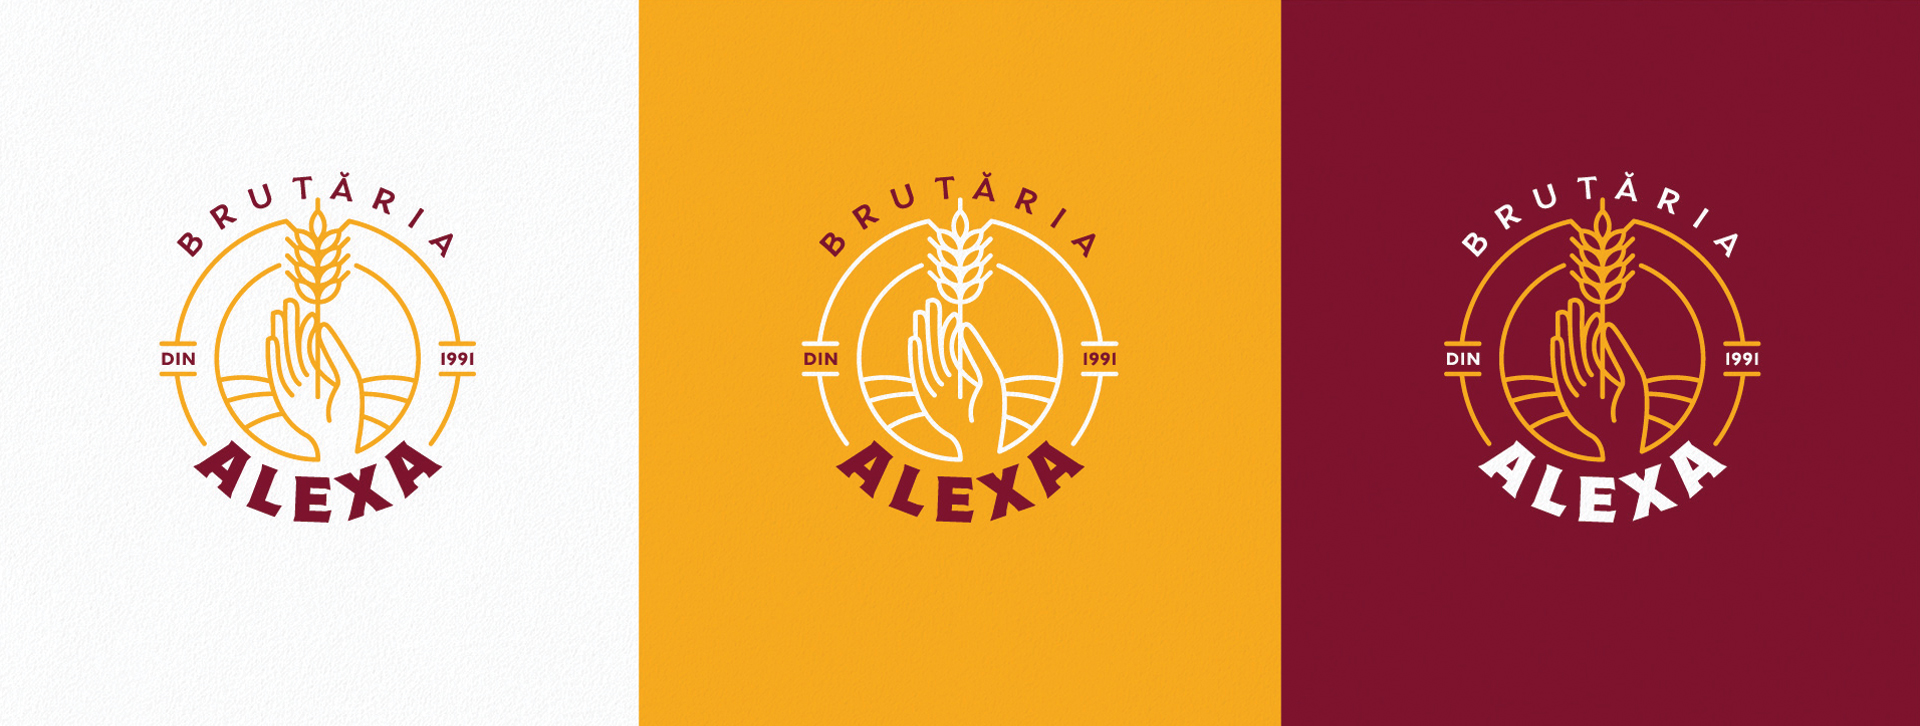 Brutaria Alexa - Logo Design